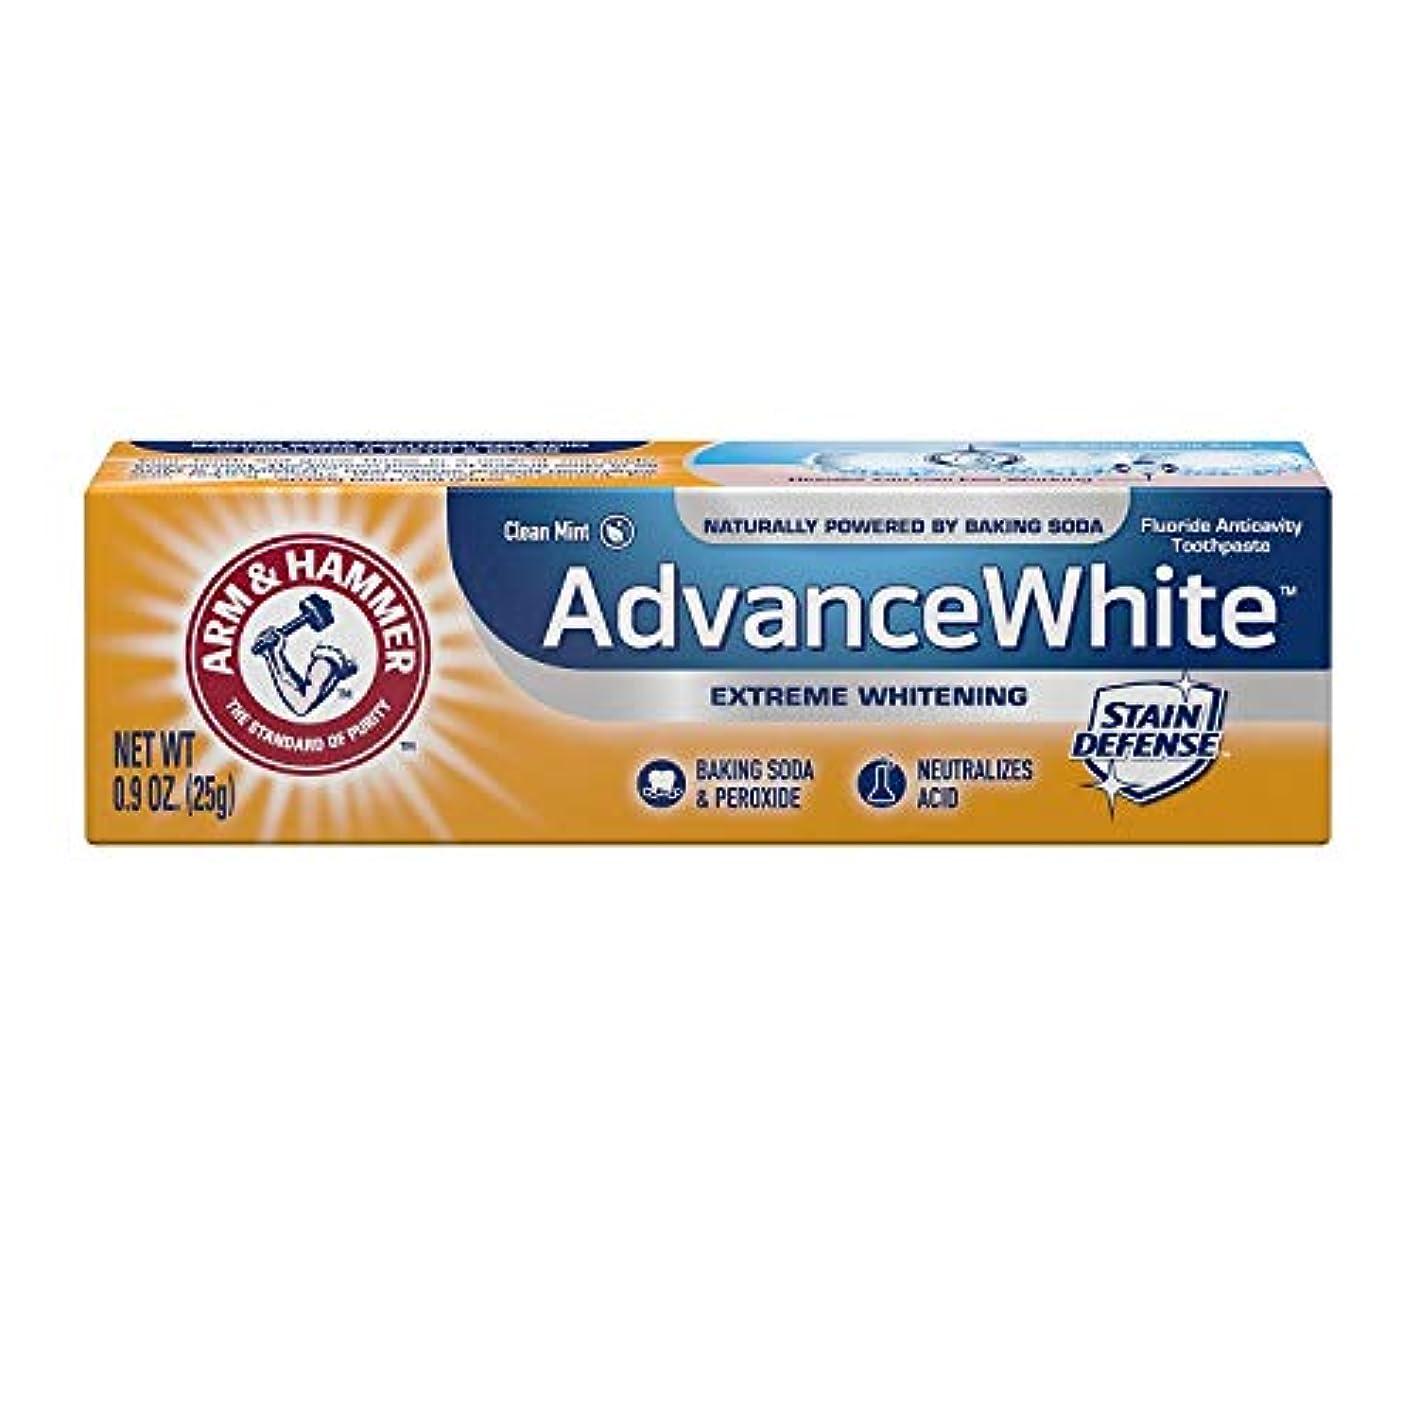 免除間に合わせ証明するArm & Hammer Advance White Extreme Whitening with Stain Defense Baking Soda & Peroxide Toothpaste - 4.3 oz by...